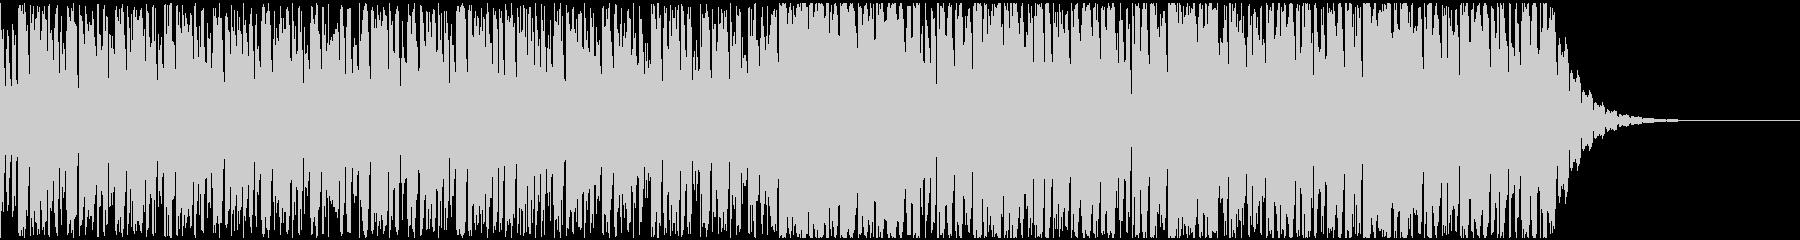 【EDM】ロング7、ミディアム3の未再生の波形